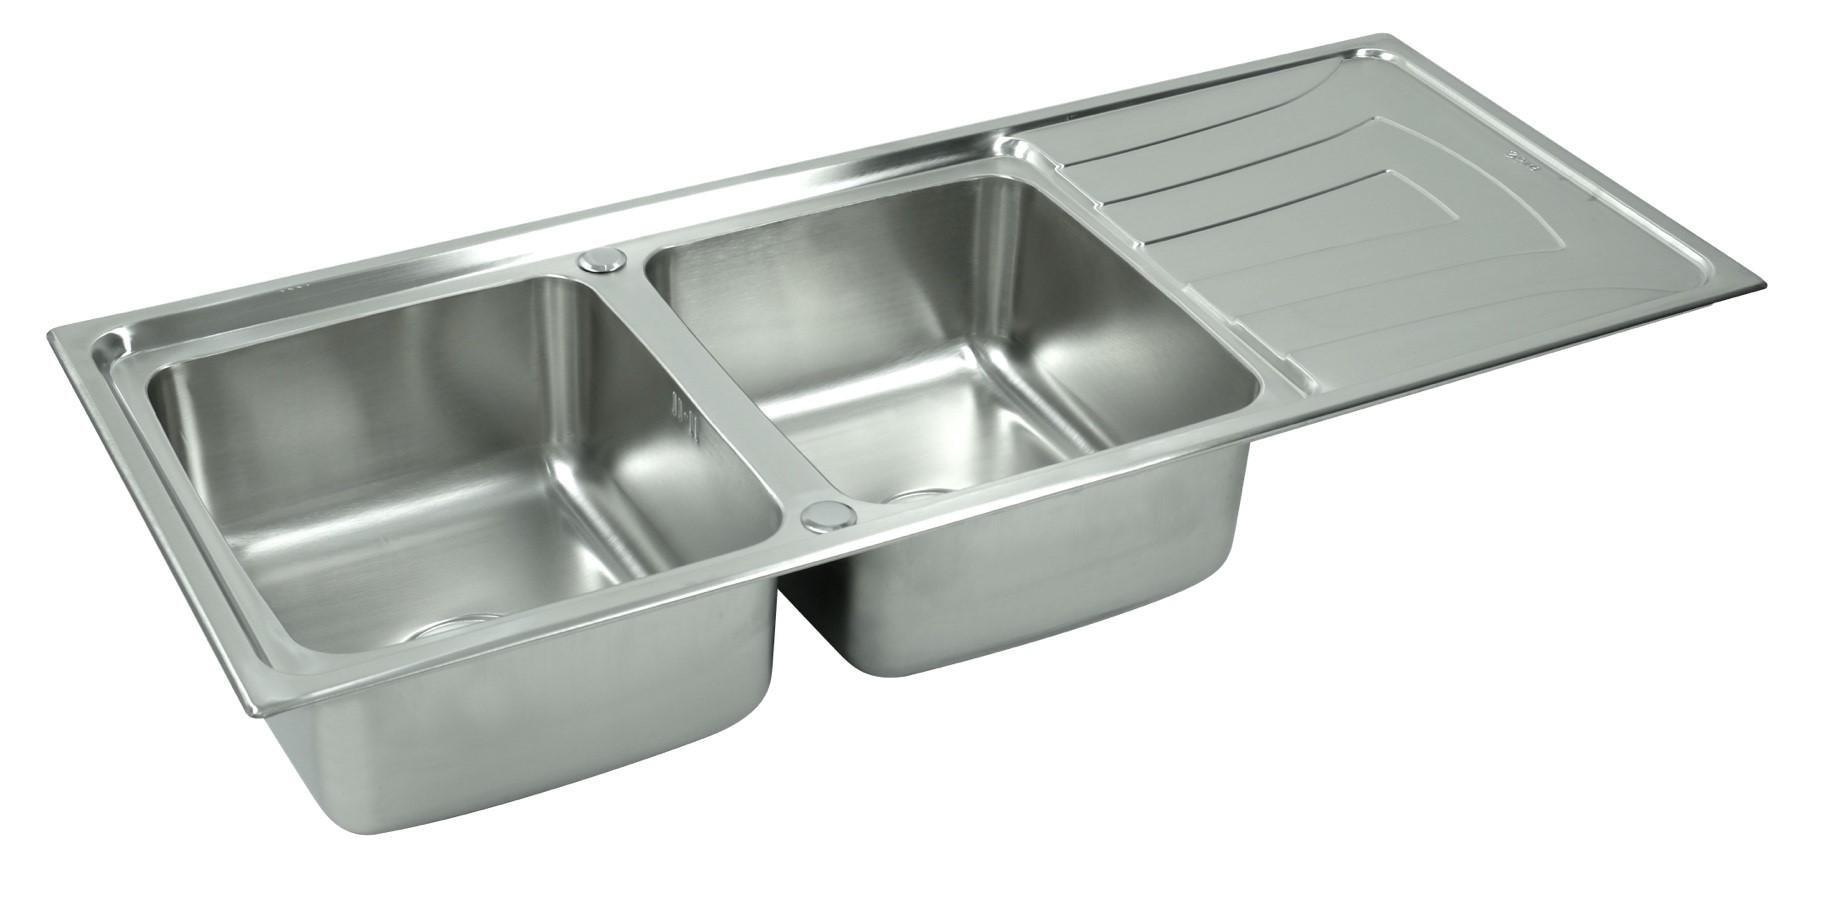 ซิงค์ล้างจานแบบ2หลุมมีที่พัก หลุมลึก